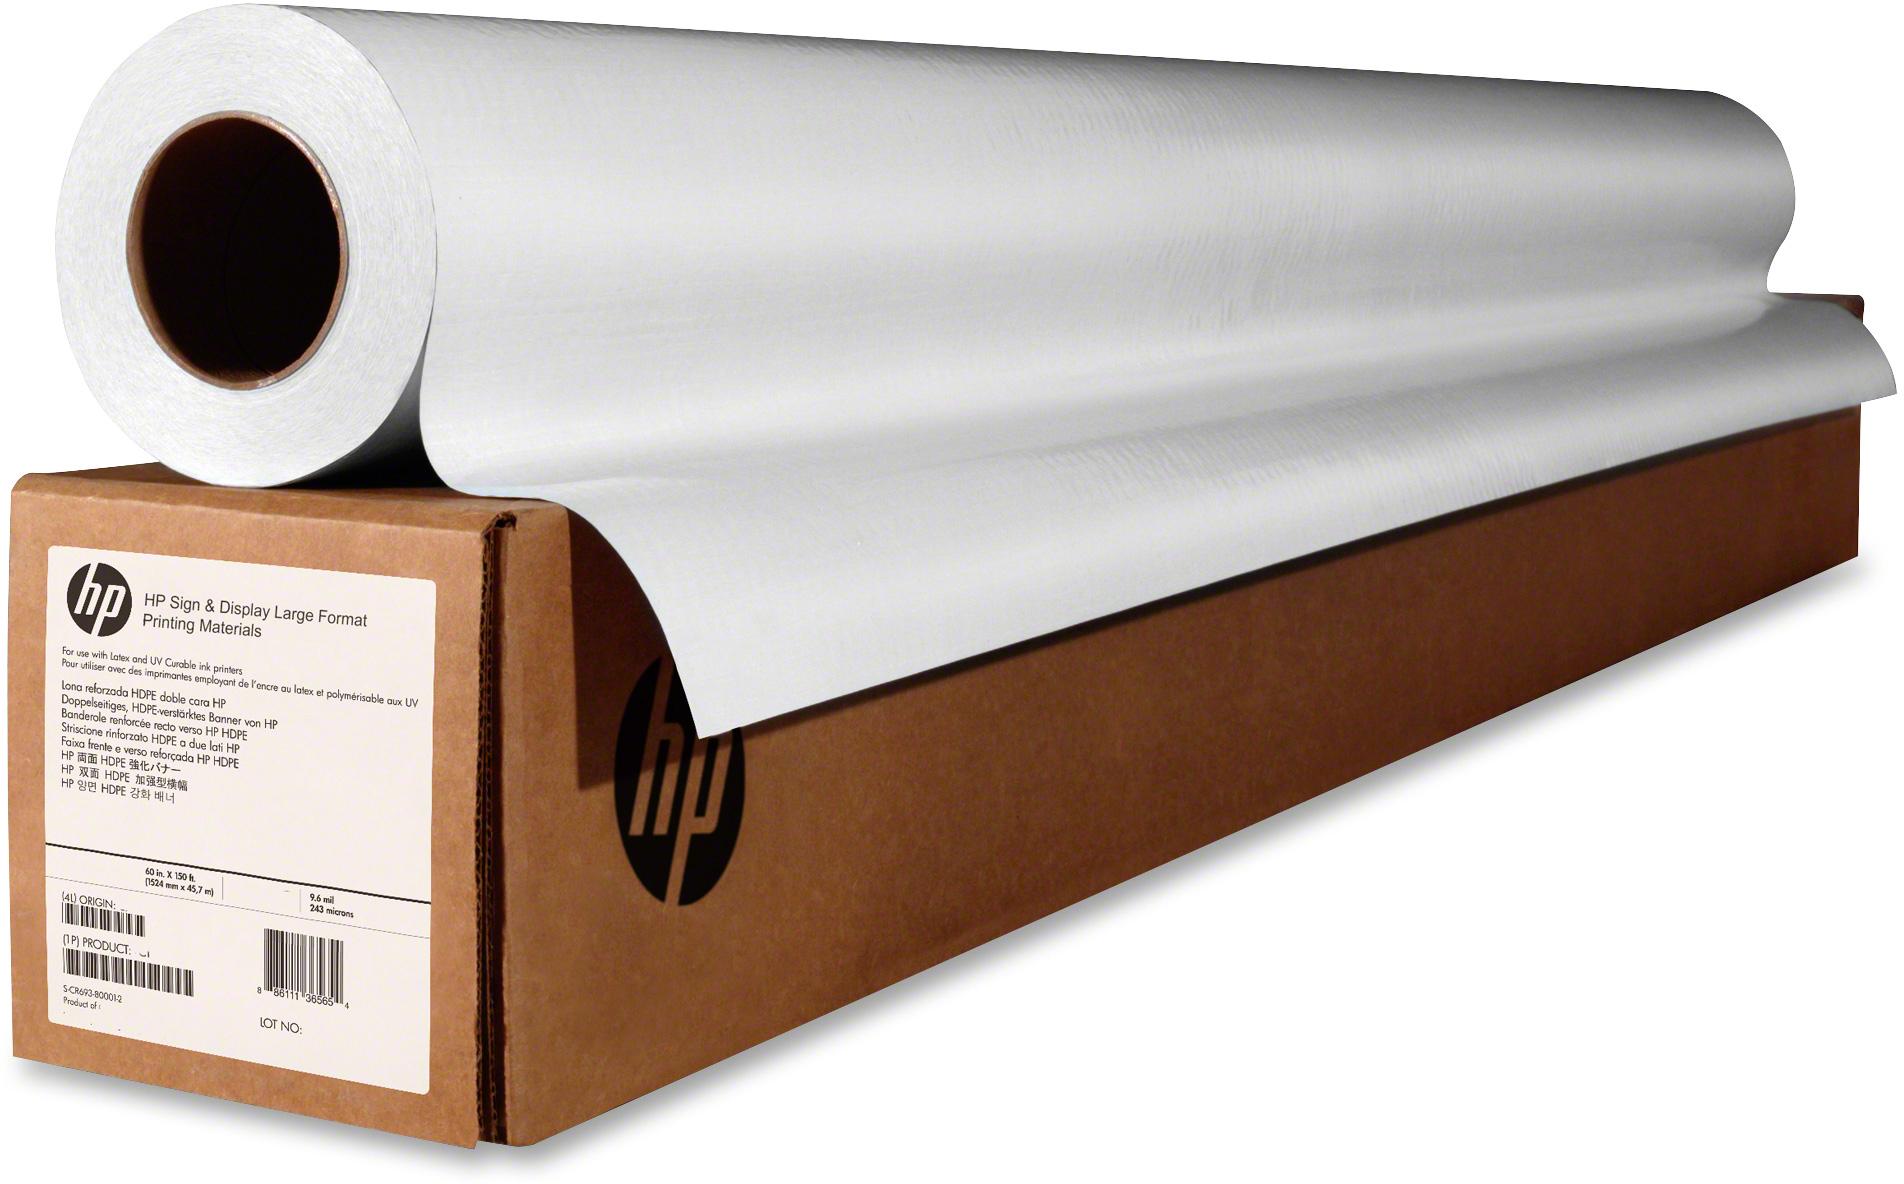 HP  Instant Dry fotopapier Glans | Rol | 190 gr/m² 1 stuks